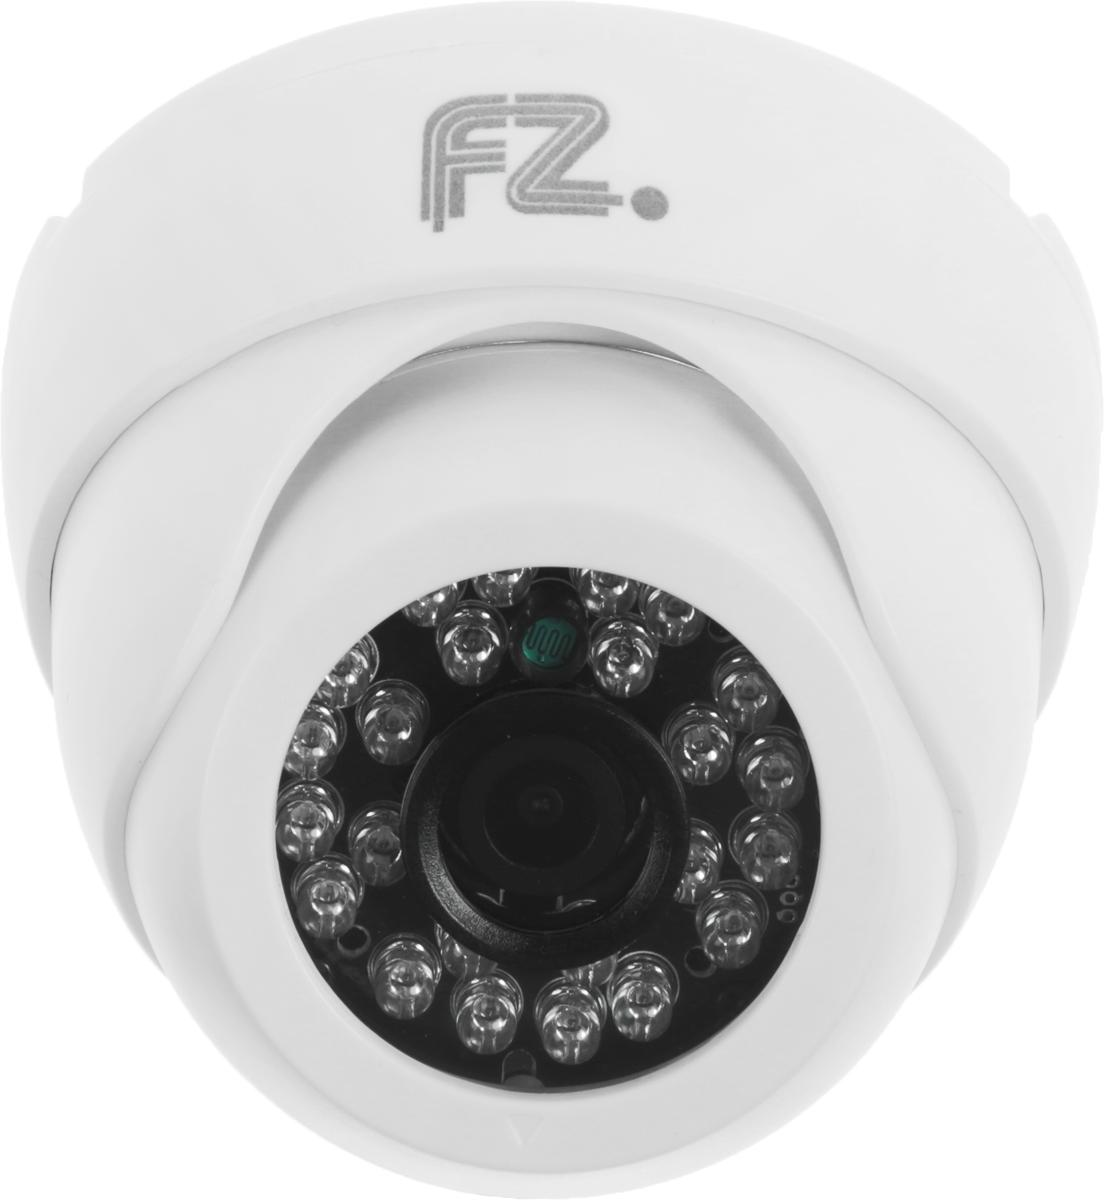 Fazera FZ-DIRP24-720 камера видеонаблюденияFZ-DIRP24-720Благодаря наличию инфракрасной подсветки дальностью 20 метров, и надежной защитой от атмосферных воздействий в широком диапазоне температур, камера видеонаблюдения Fazera FZ-DIRP24-720 может эксплуатироваться в различных типах помещений.В основе камеры матрица 1/4 CMOS OmniVision OV9712 и процессор HiSilicon HI3518E благодаря чему уличная IP-камера Fazera FZ-DIRP24-720 формирует изображение с разрешением до 1280x720 пикселей, с качественной цветопередачей и повышенной контрастностью, что позволяет использовать видеокамеру на объектах с высокими требованиями к качеству видеосигнала, и в системах с видеоаналитикой.Матрица: 1/4 CMOS OmniVision OV9712Процессор: HiSilicon HI3518EМеханический ИК-фильтр с автопереключениемНастройки яркости, контраста, насыщенности через клиентское ПО или веб браузер